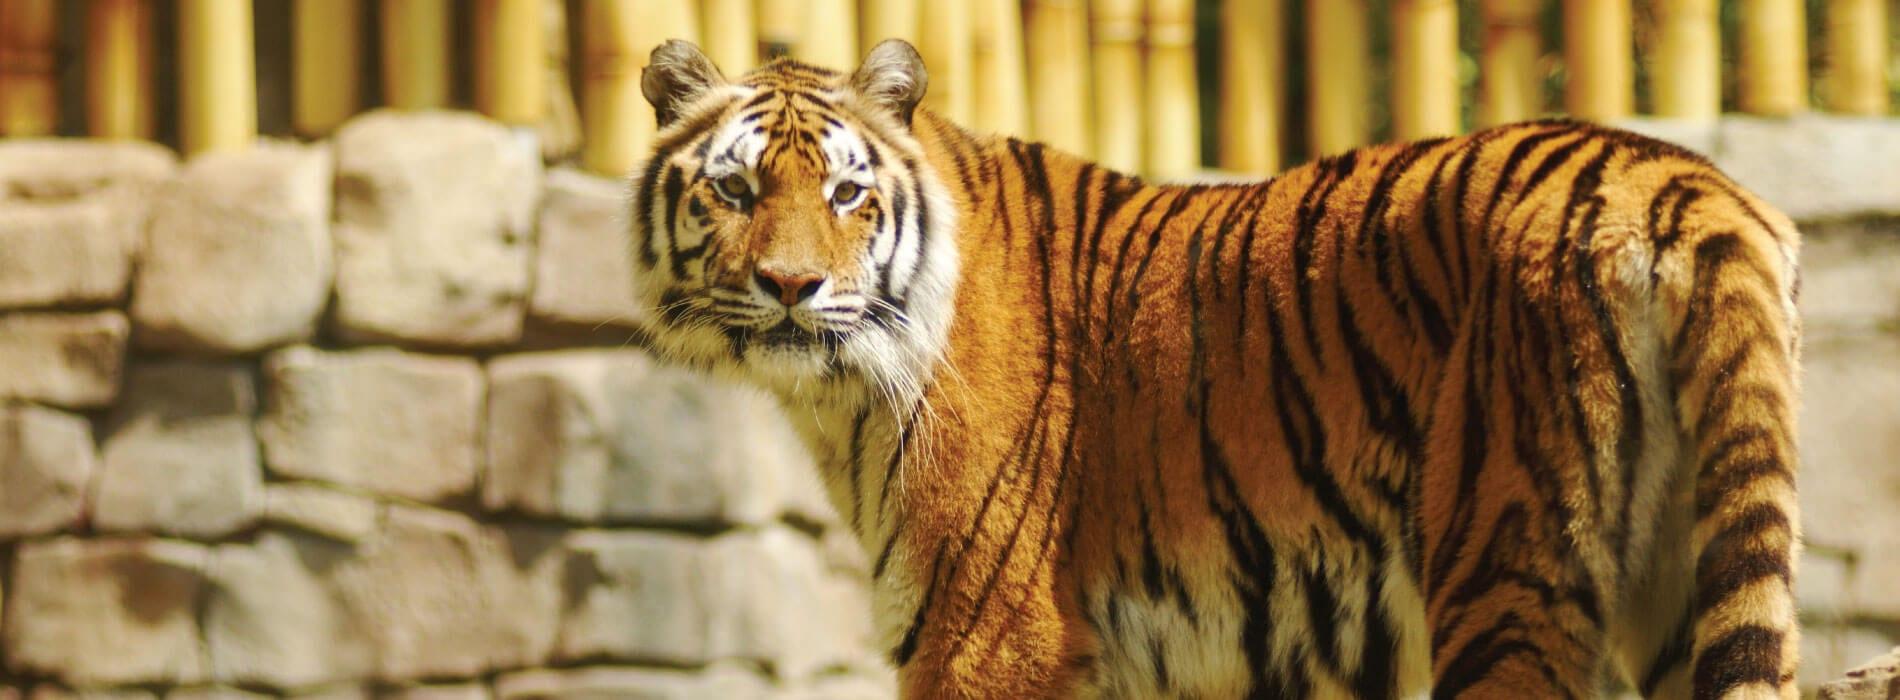 tiger busch gardens tampa panthera tigris